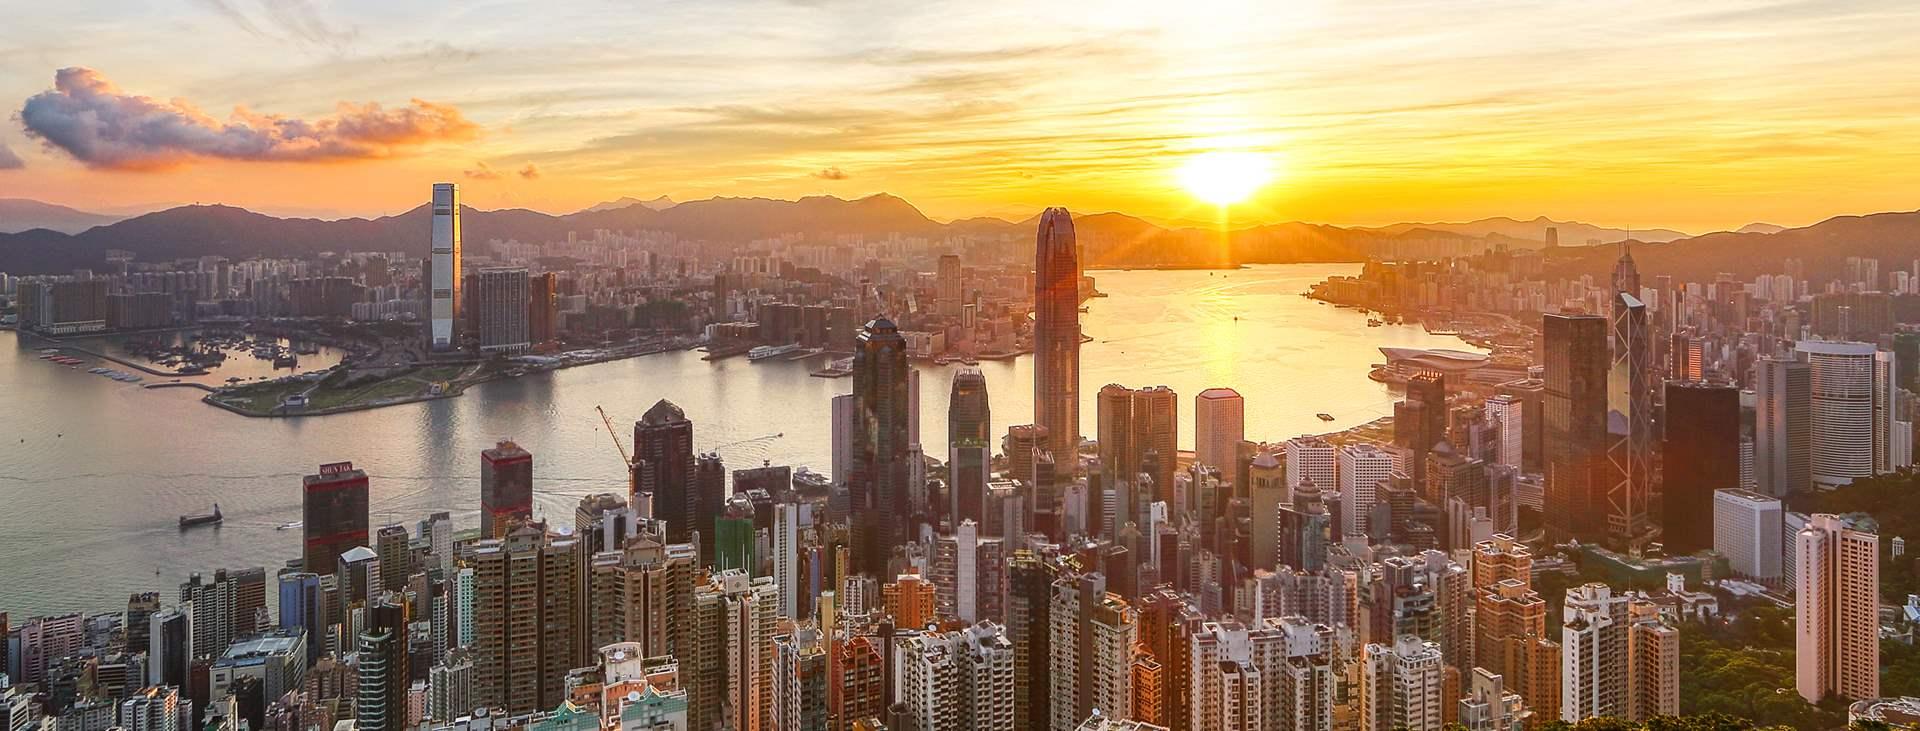 Boka en resa till Kina med flyg och hotell